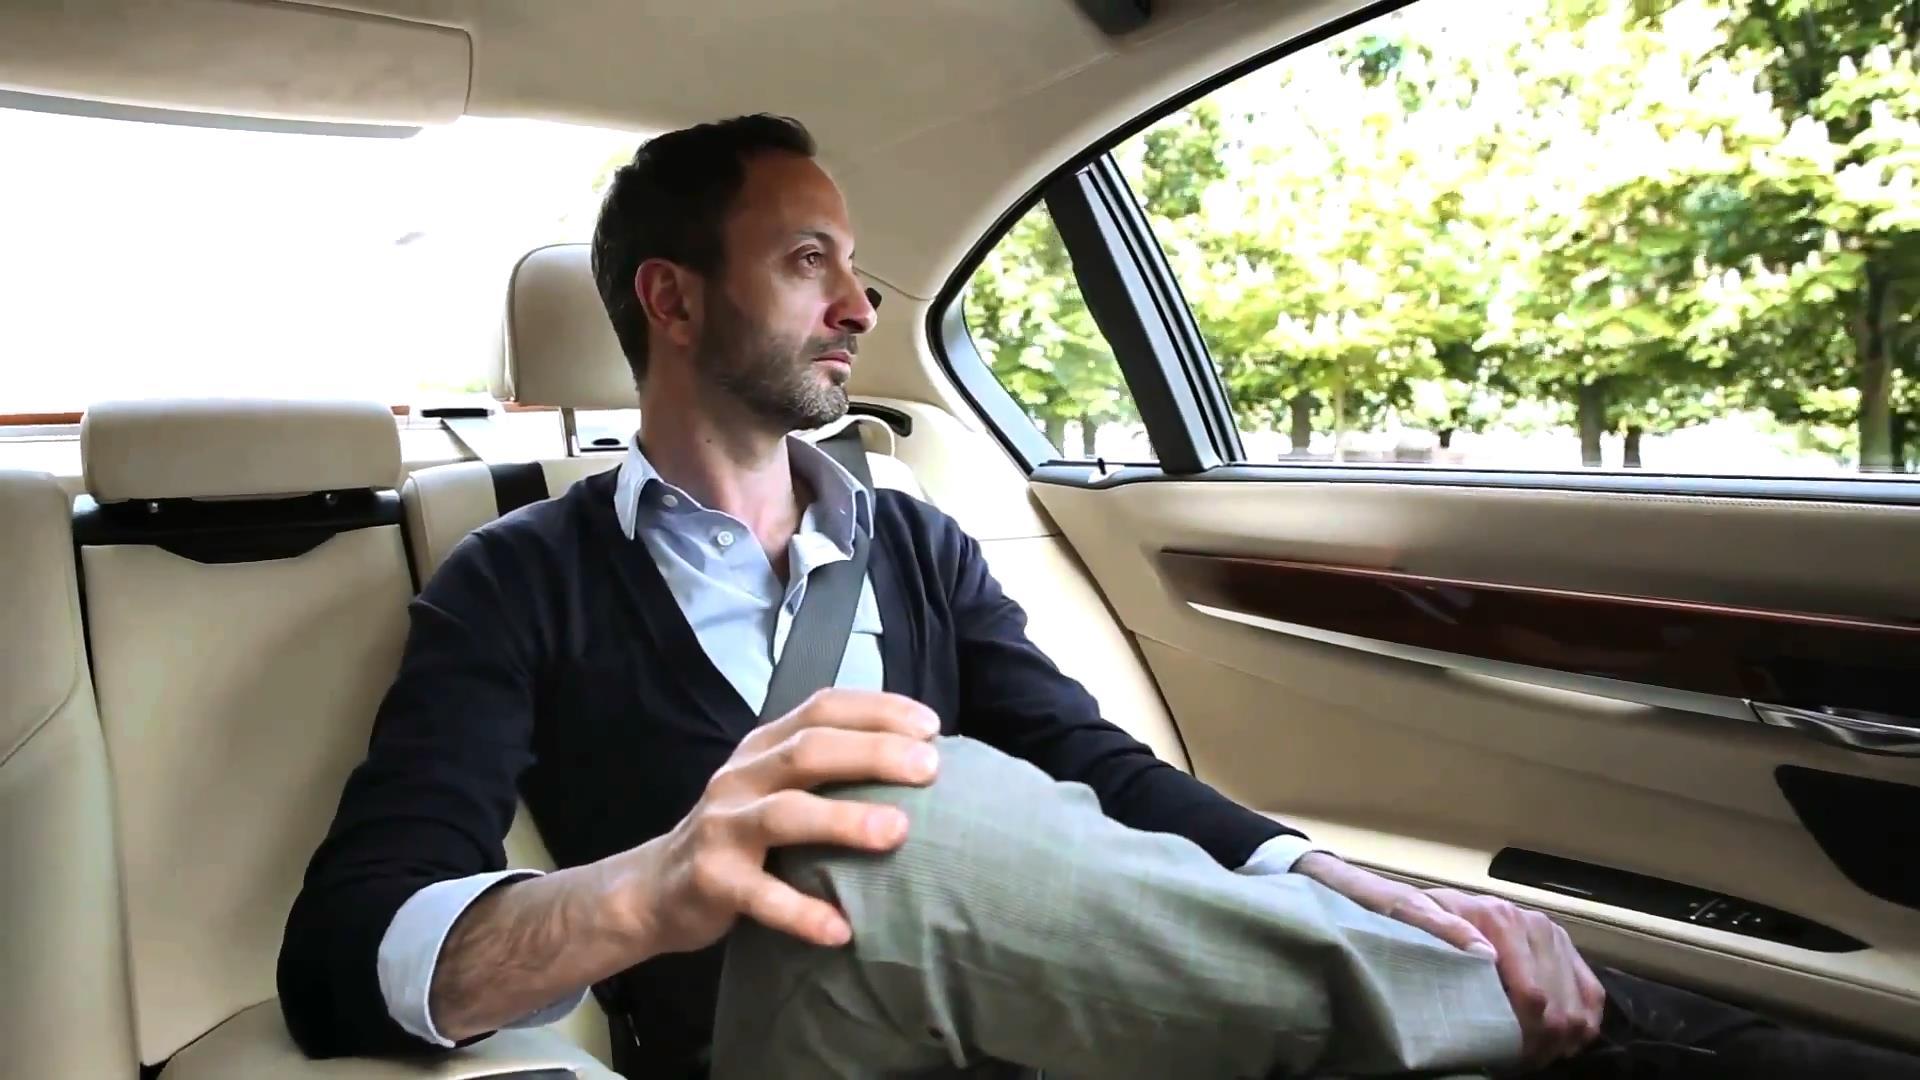 كريم حبيب رئيس التصميم لدى مجموعة بي أم دبليو يتحدث عن العمل داخل أروقة الشركة